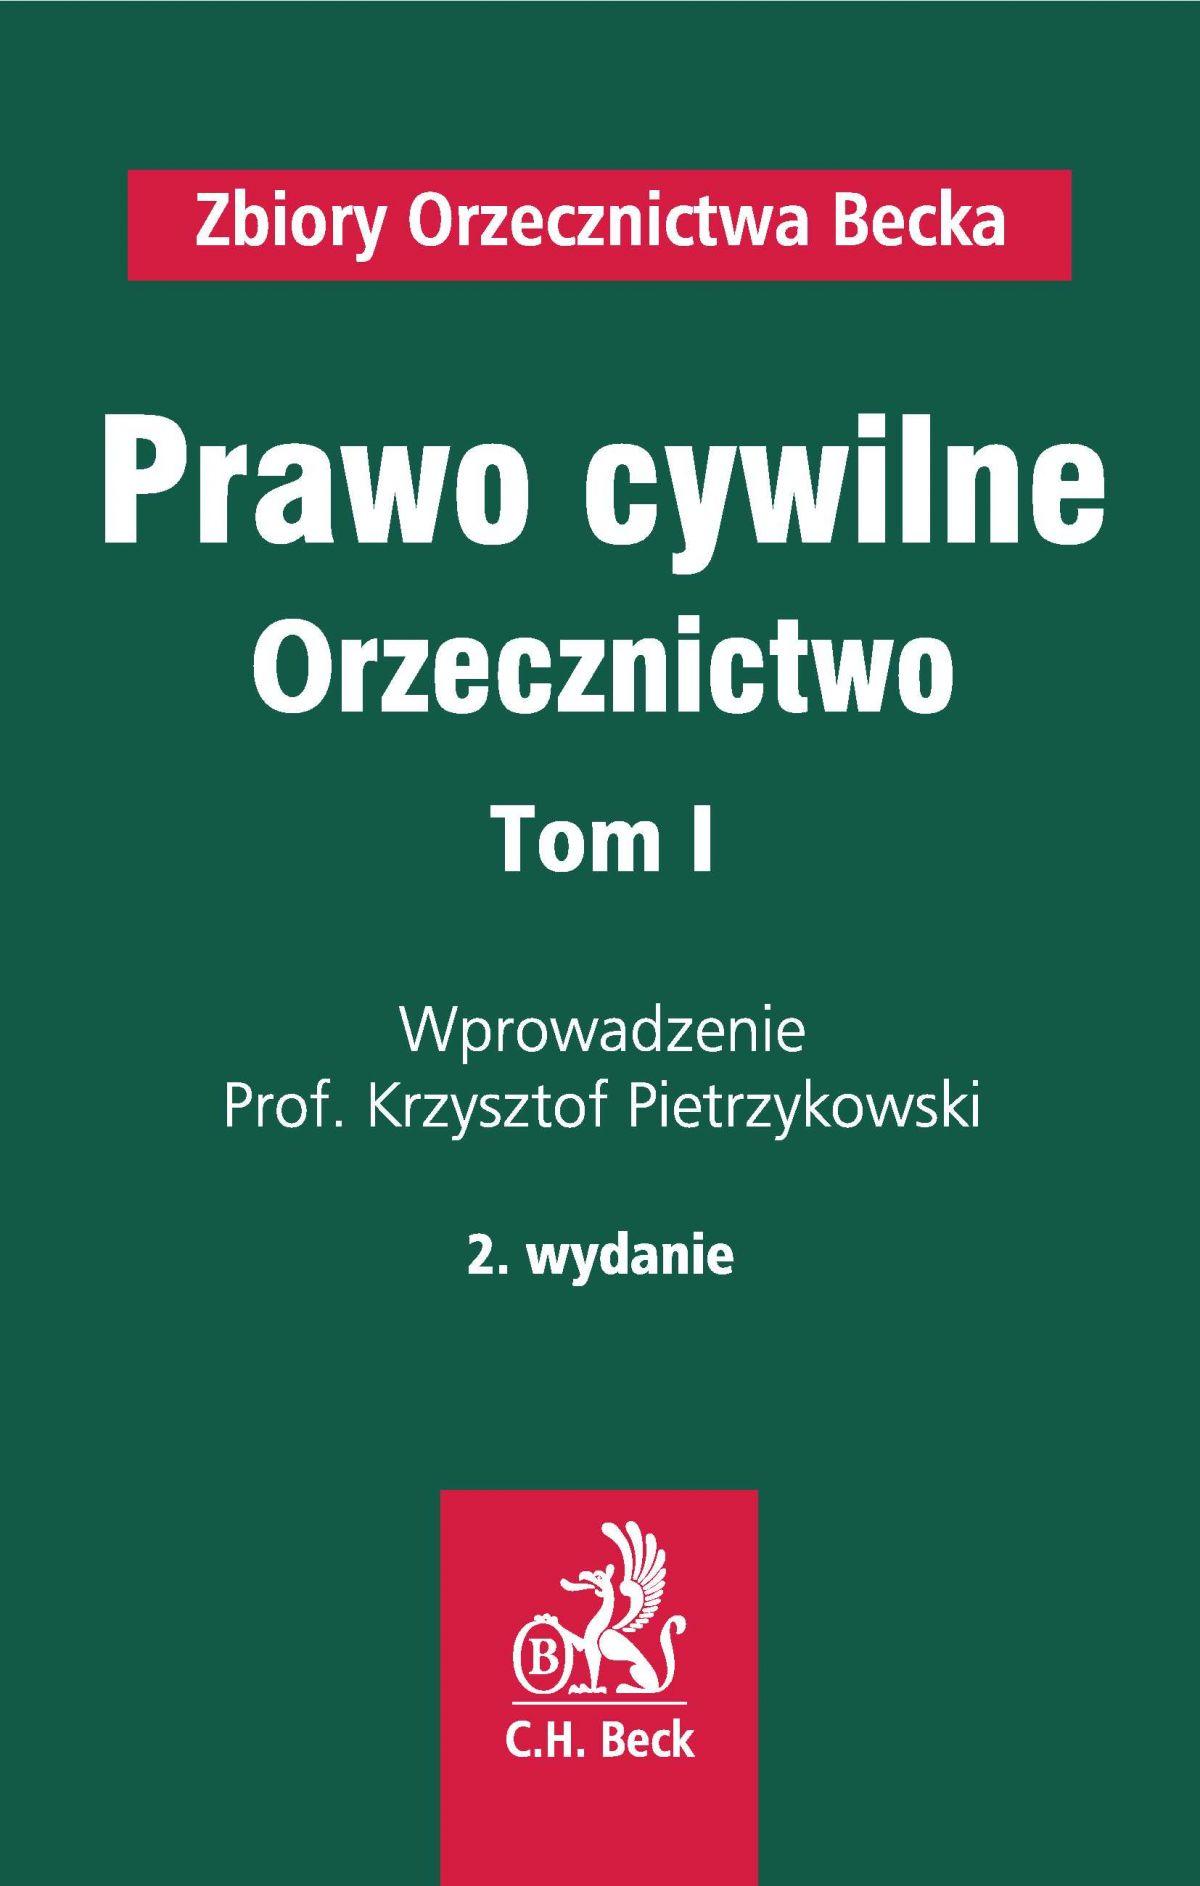 Prawo cywilne. Orzecznictwo. Tom I - Ebook (Książka PDF) do pobrania w formacie PDF